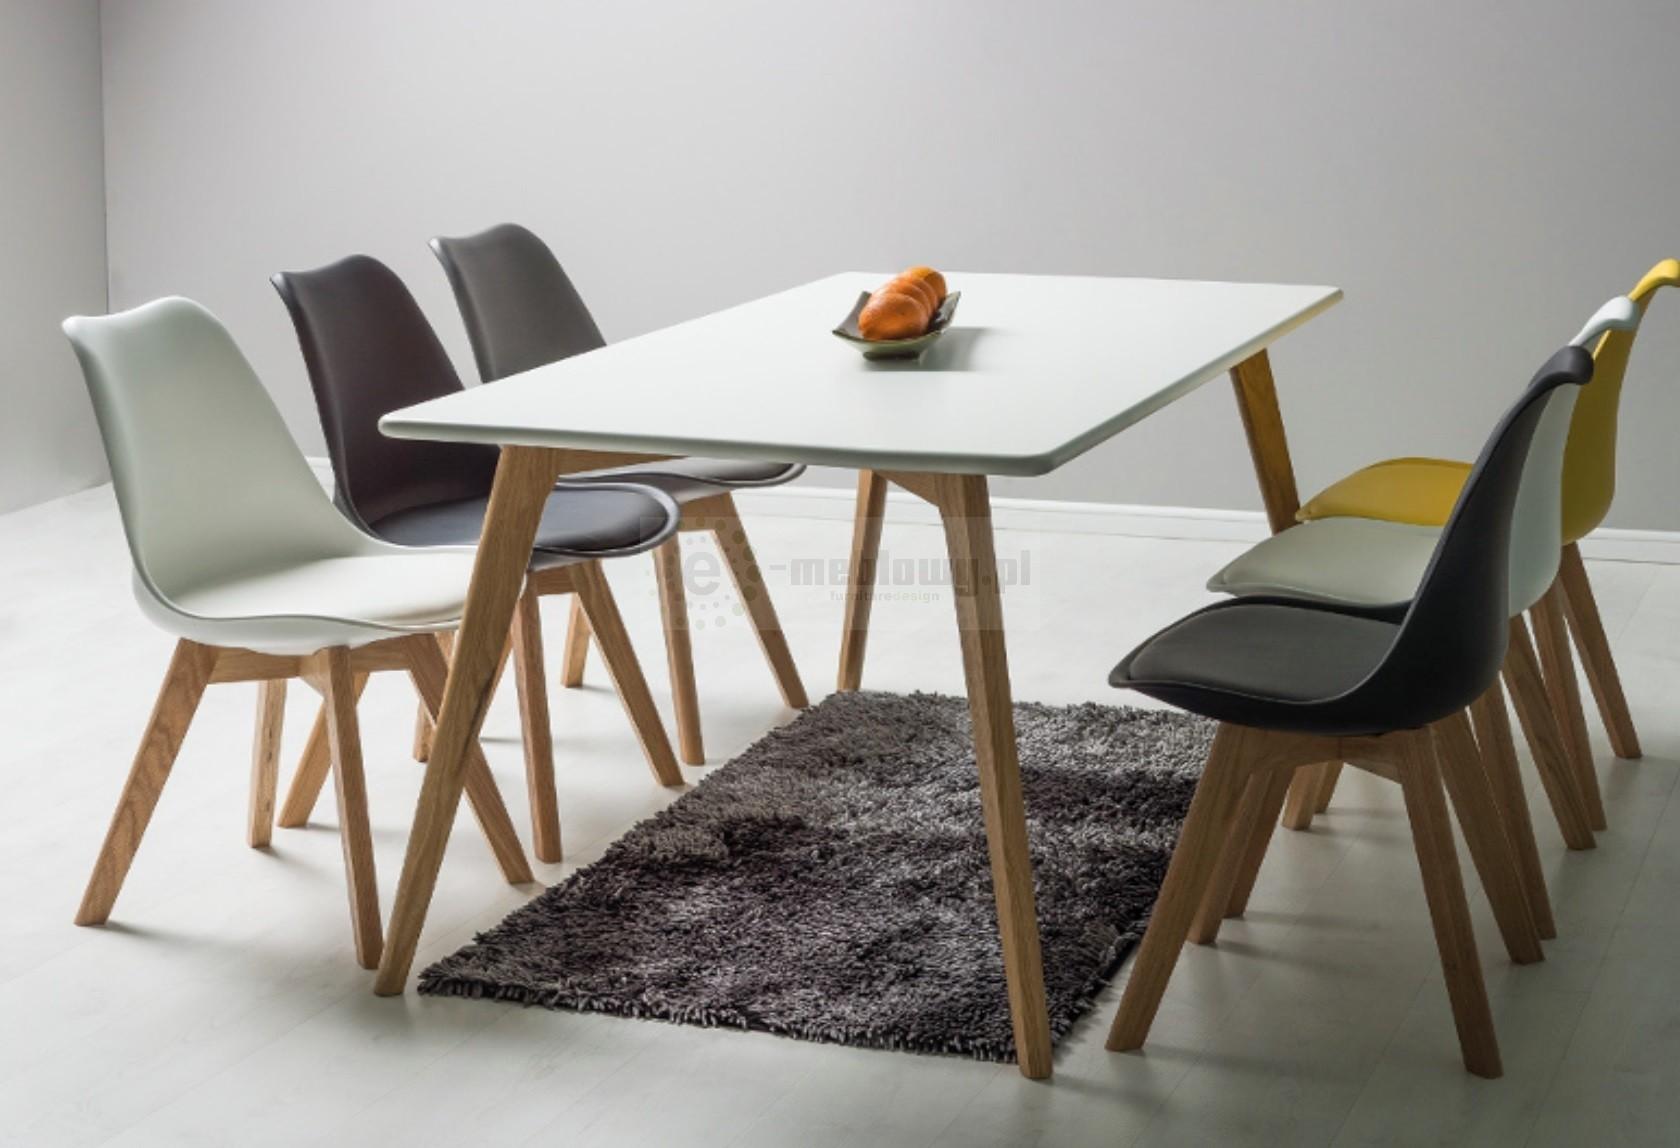 drewniany st agios sto y drewniane st w stylu skandynawskim. Black Bedroom Furniture Sets. Home Design Ideas